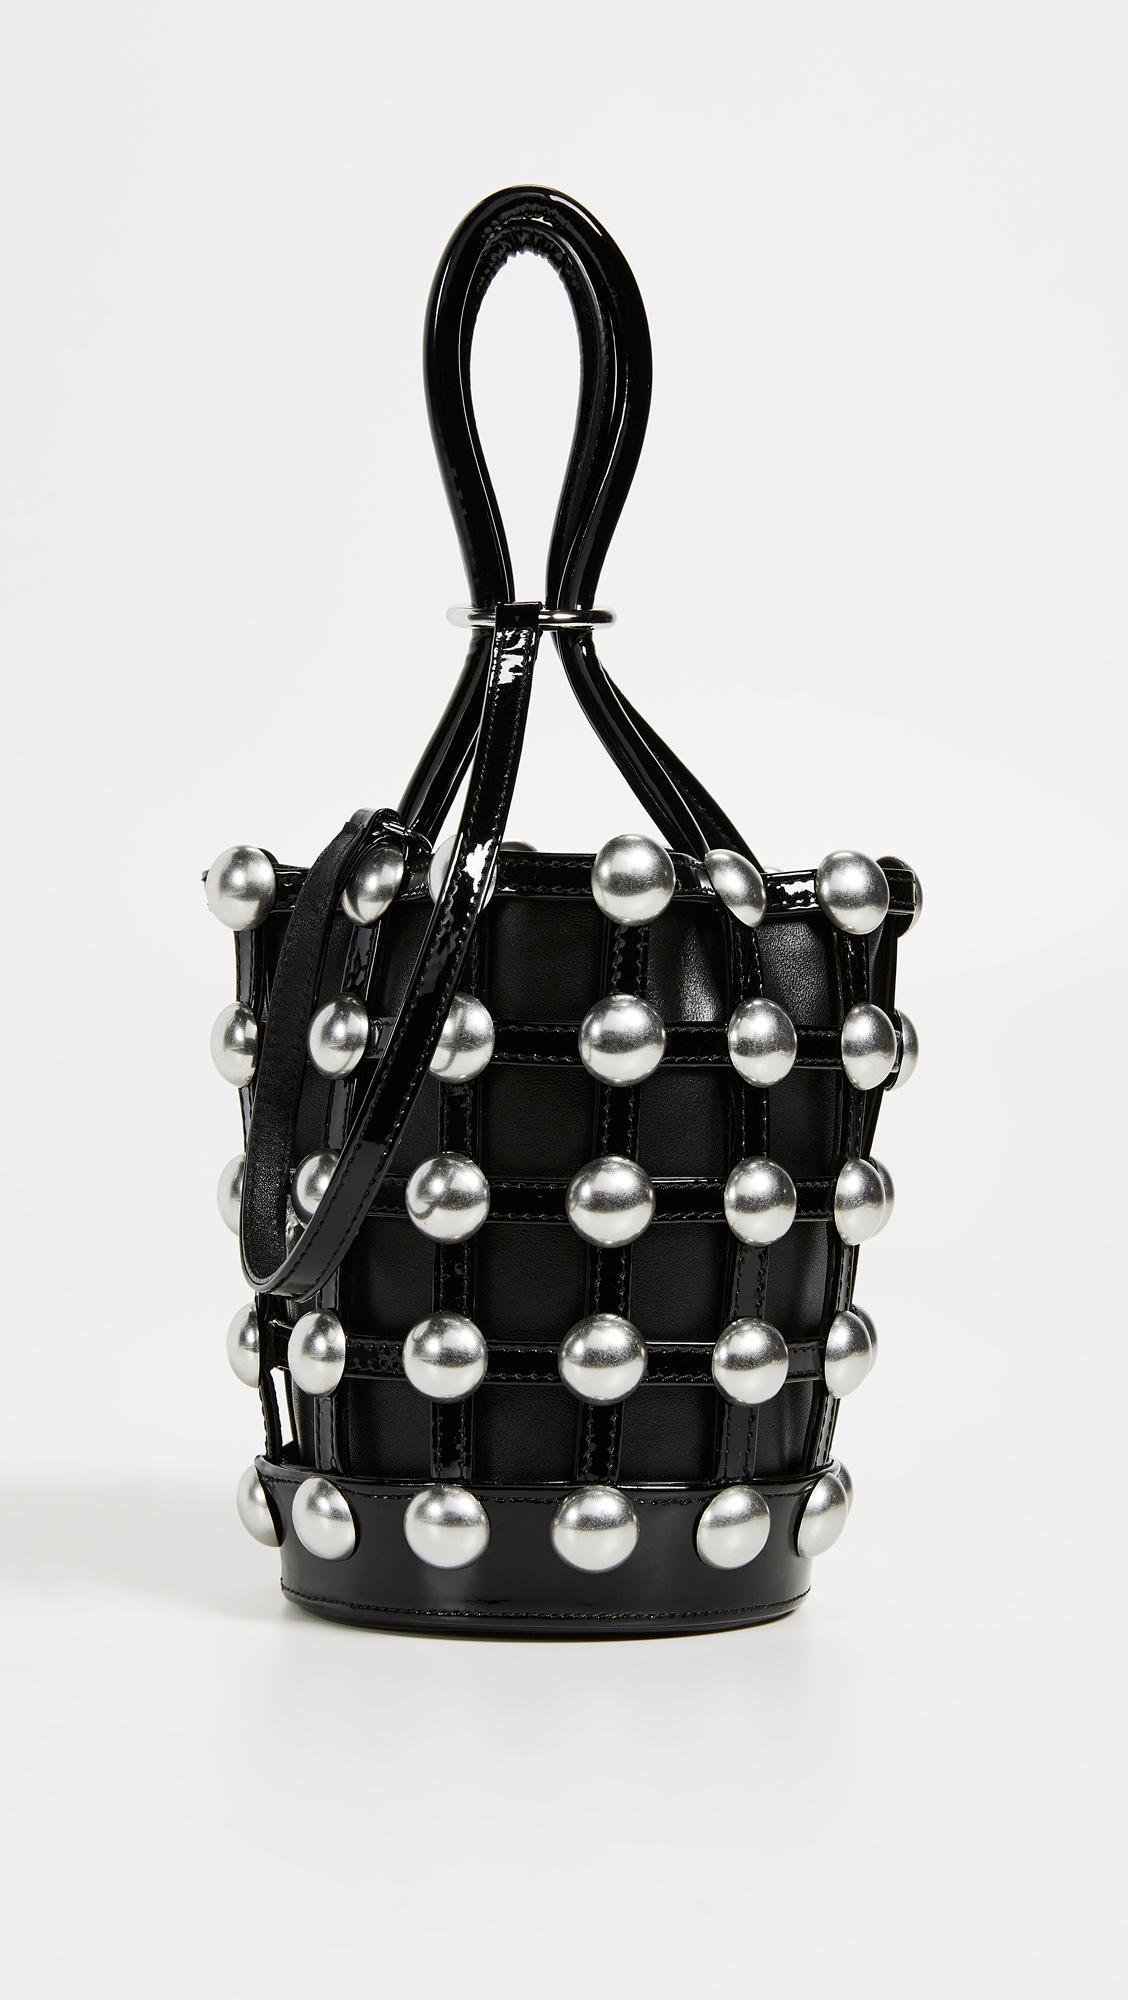 Alexander Wang Roxy Cage Mini Bucket in Black - Lyst 59727054d4